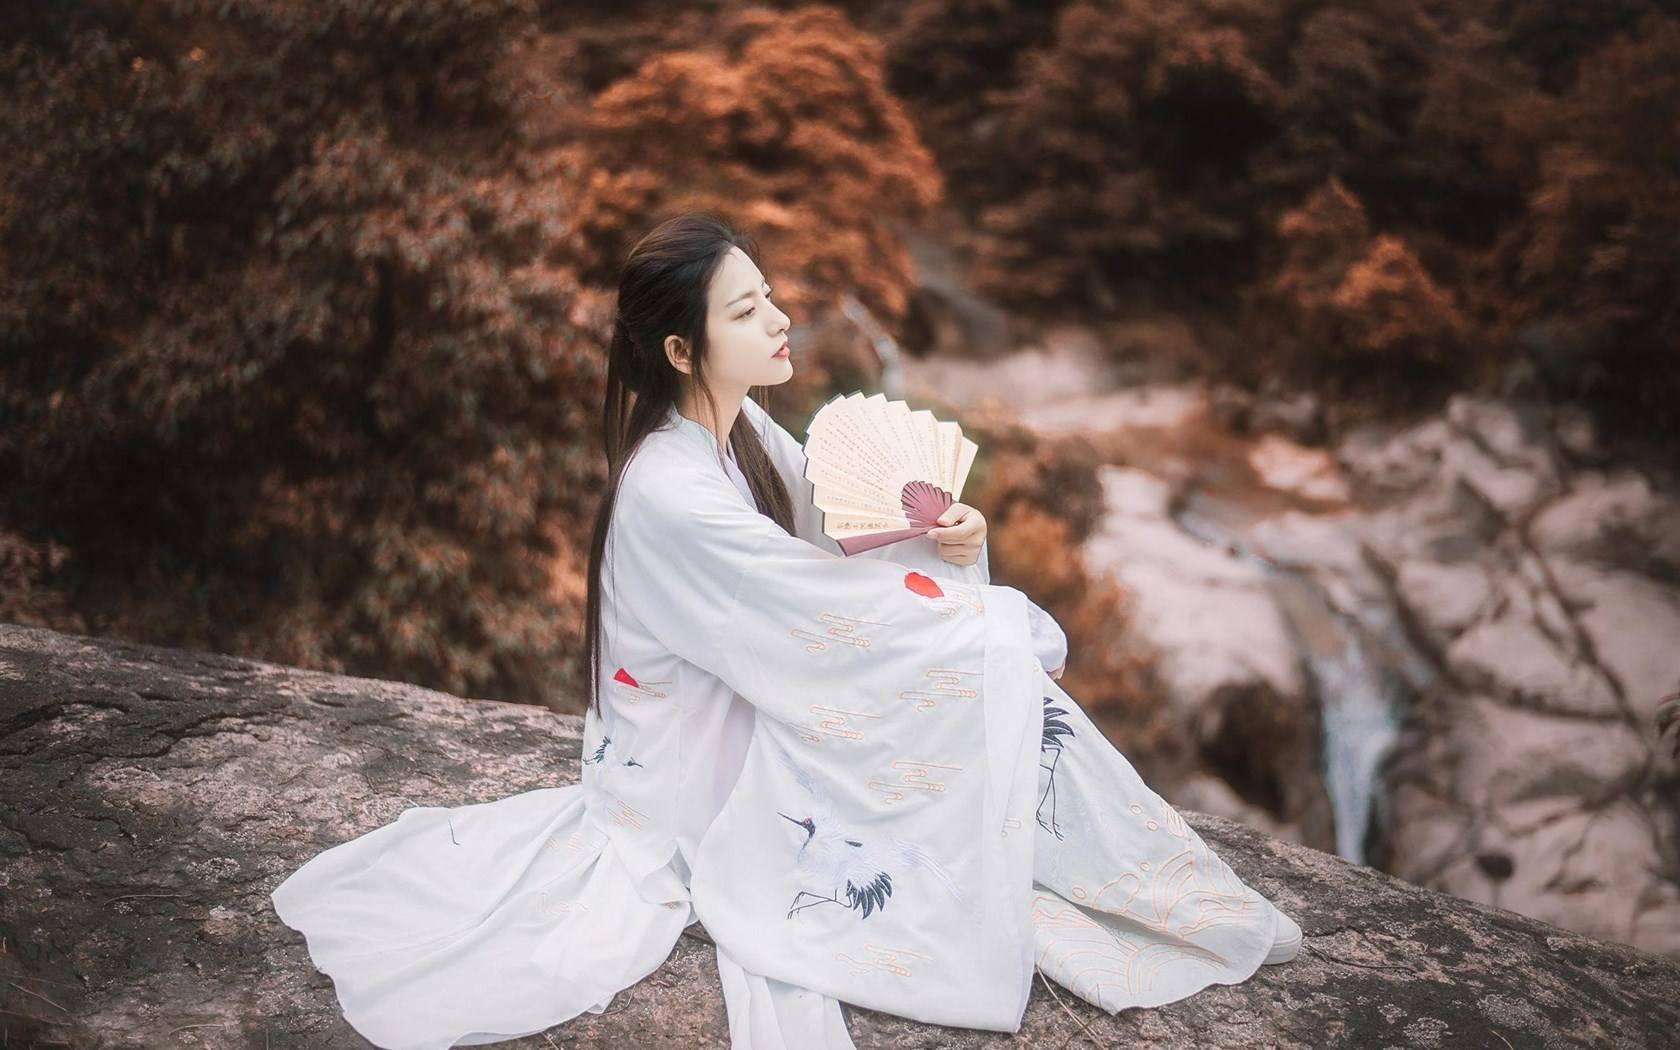 小说《梦里繁华若初》全章节免费在线阅读 梦里繁华若初免费阅读小说